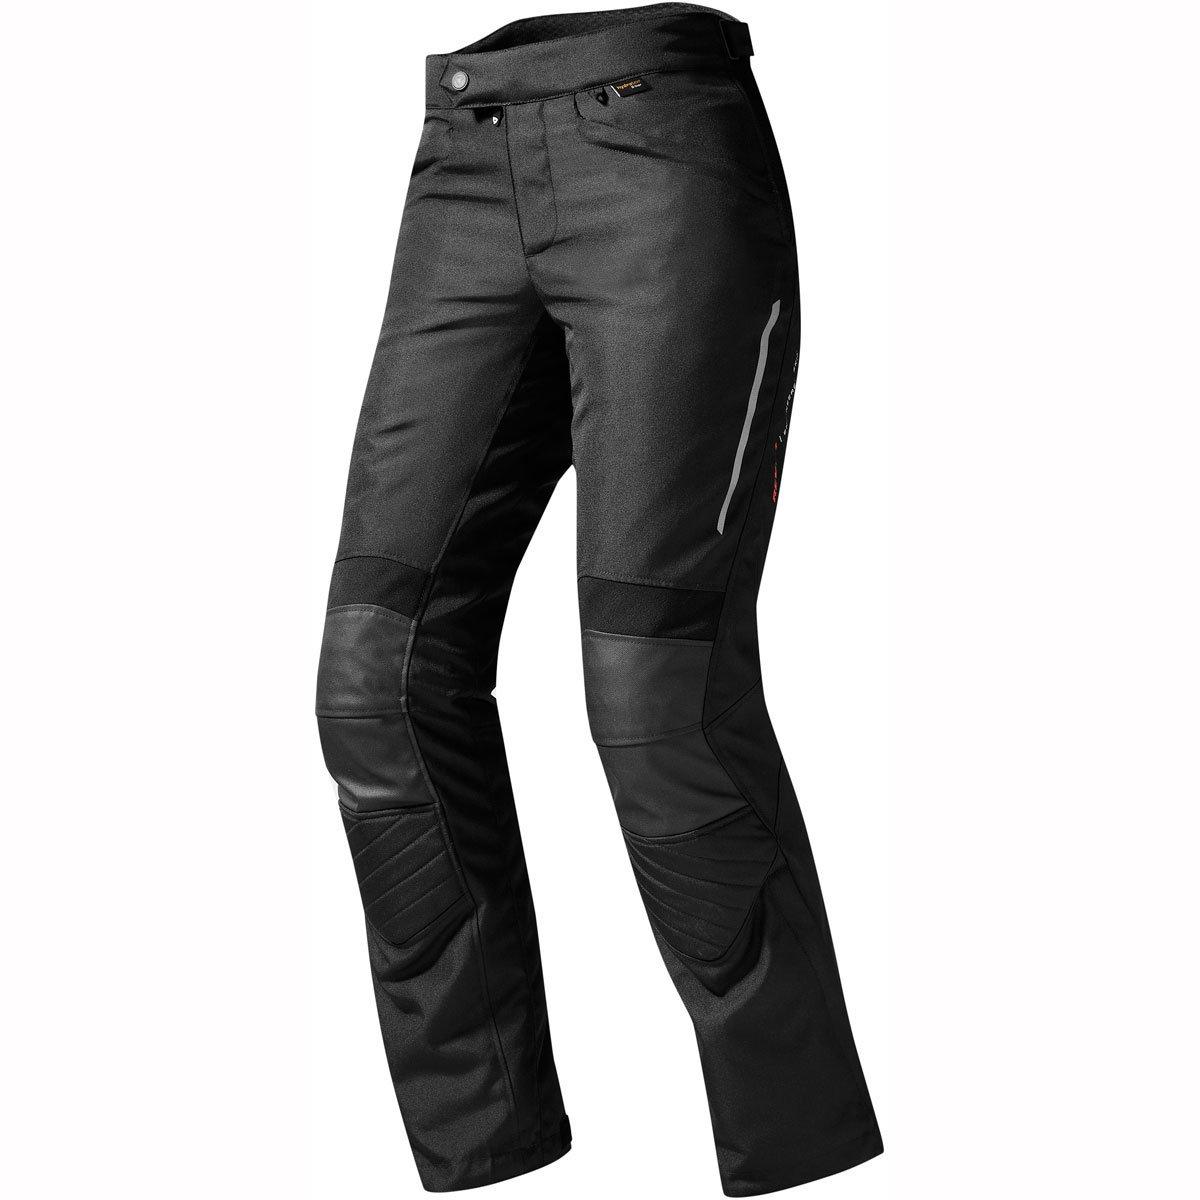 REV'IT Factor 3 Ladies Pantaloni - 38 - Lungo, Nero